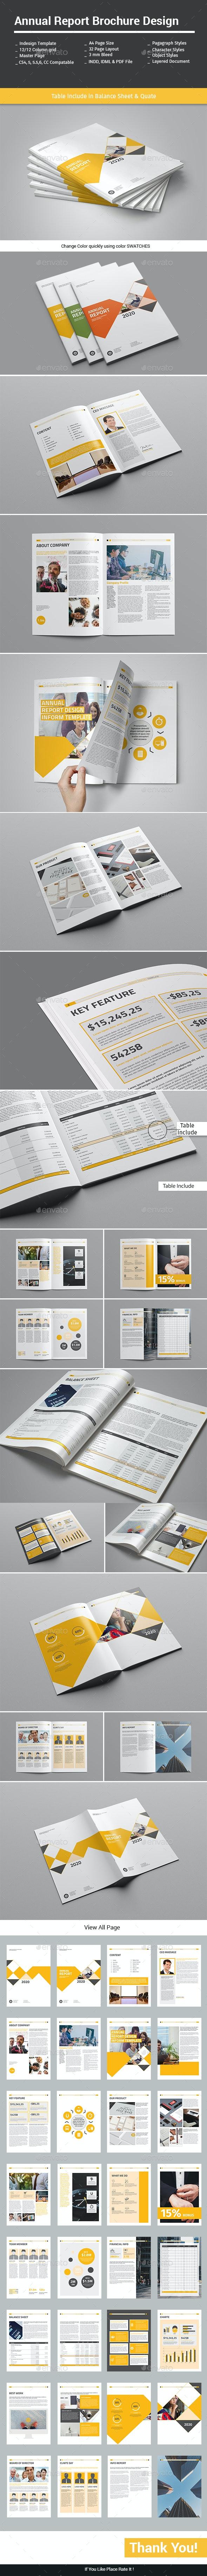 Annual Report Brochure Design - Informational Brochures